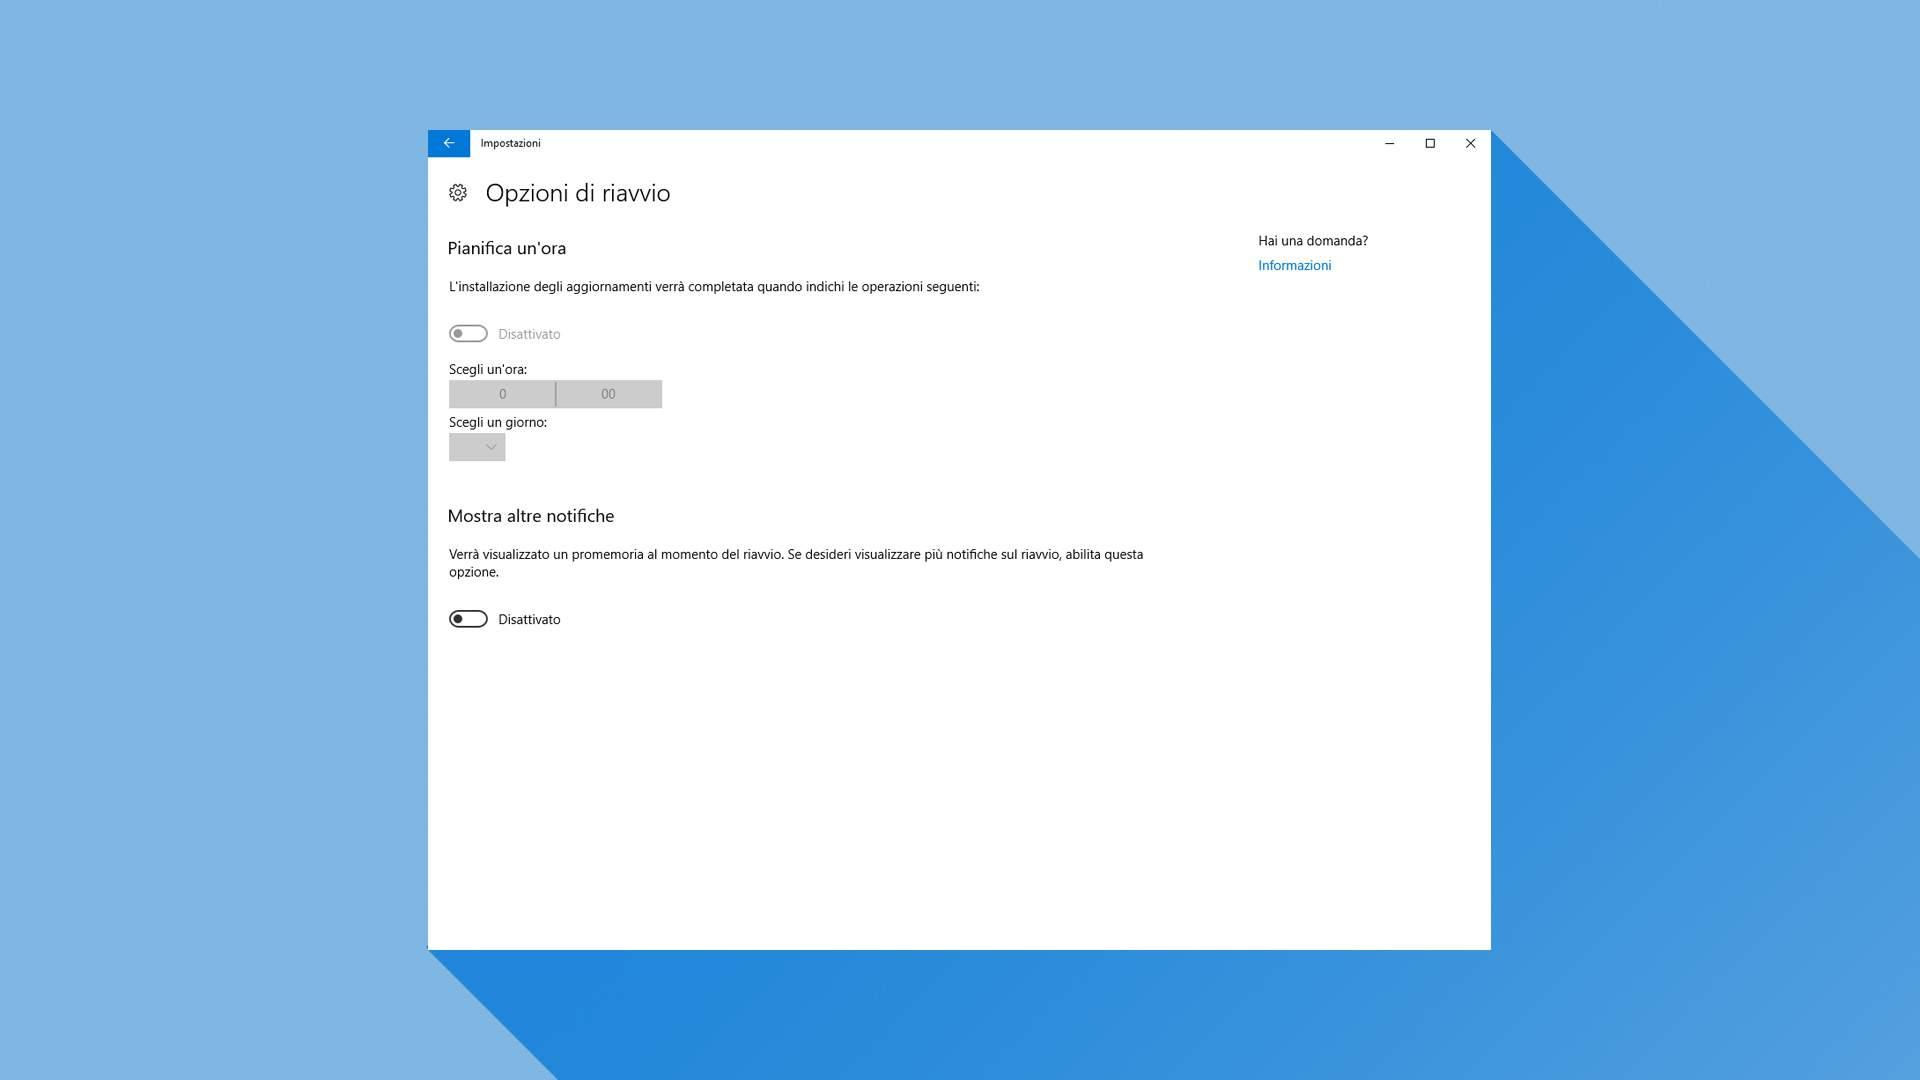 Opzioni di riavvio Windows Creators Update